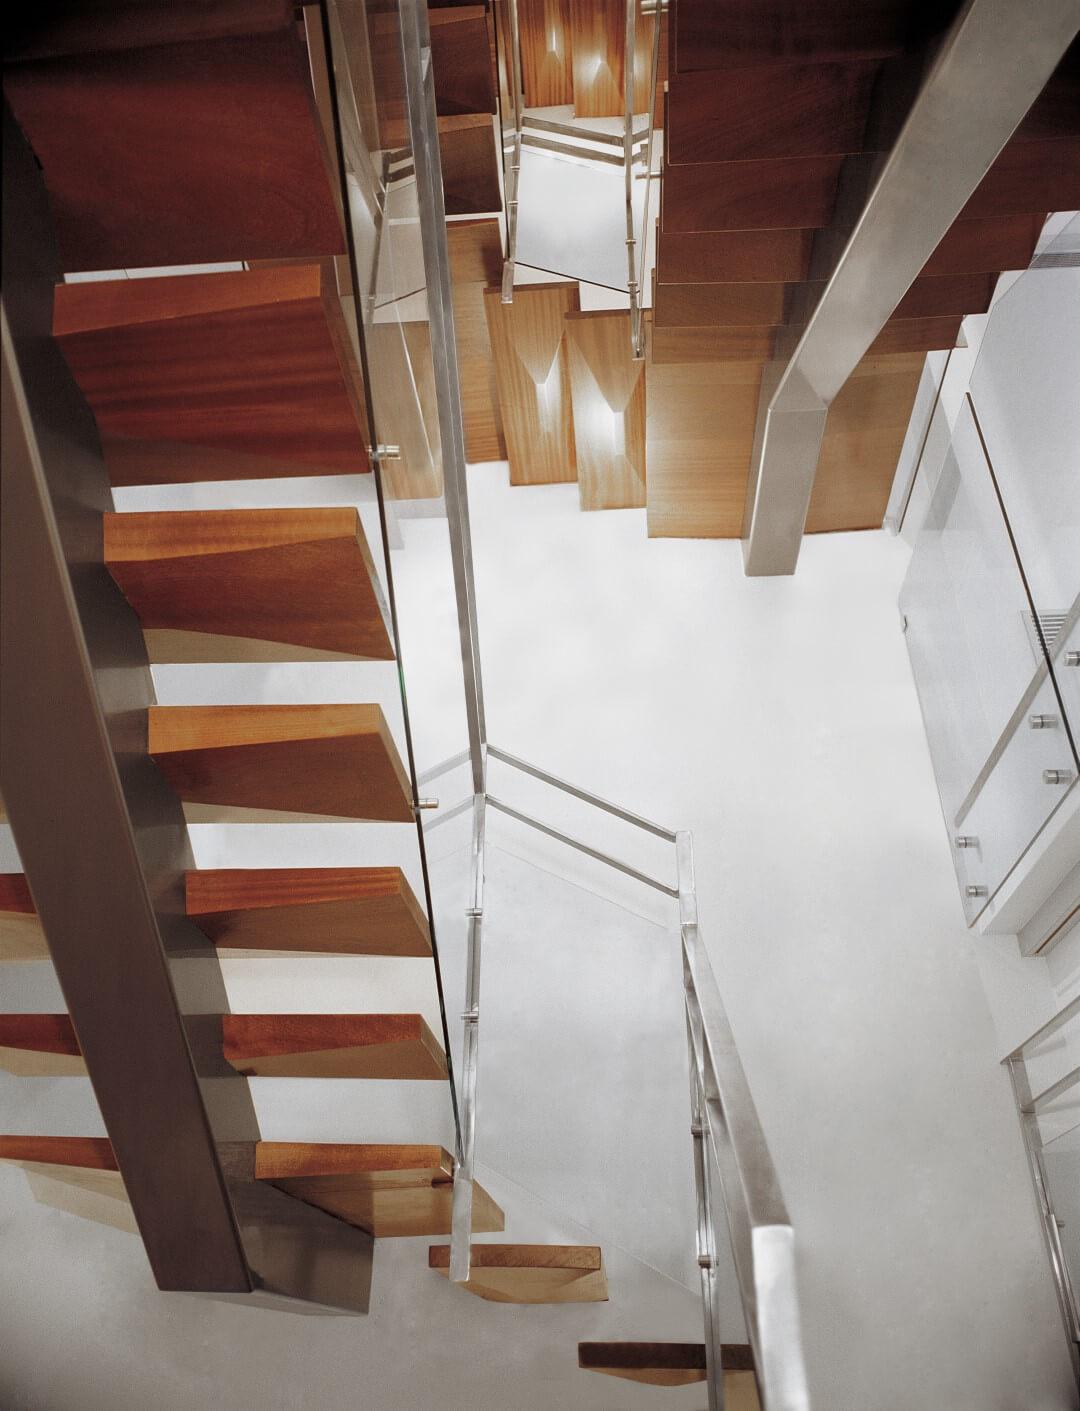 מבט על אחורי מדרגות העץ שתלויות על שדרה מרכזית של ברזל